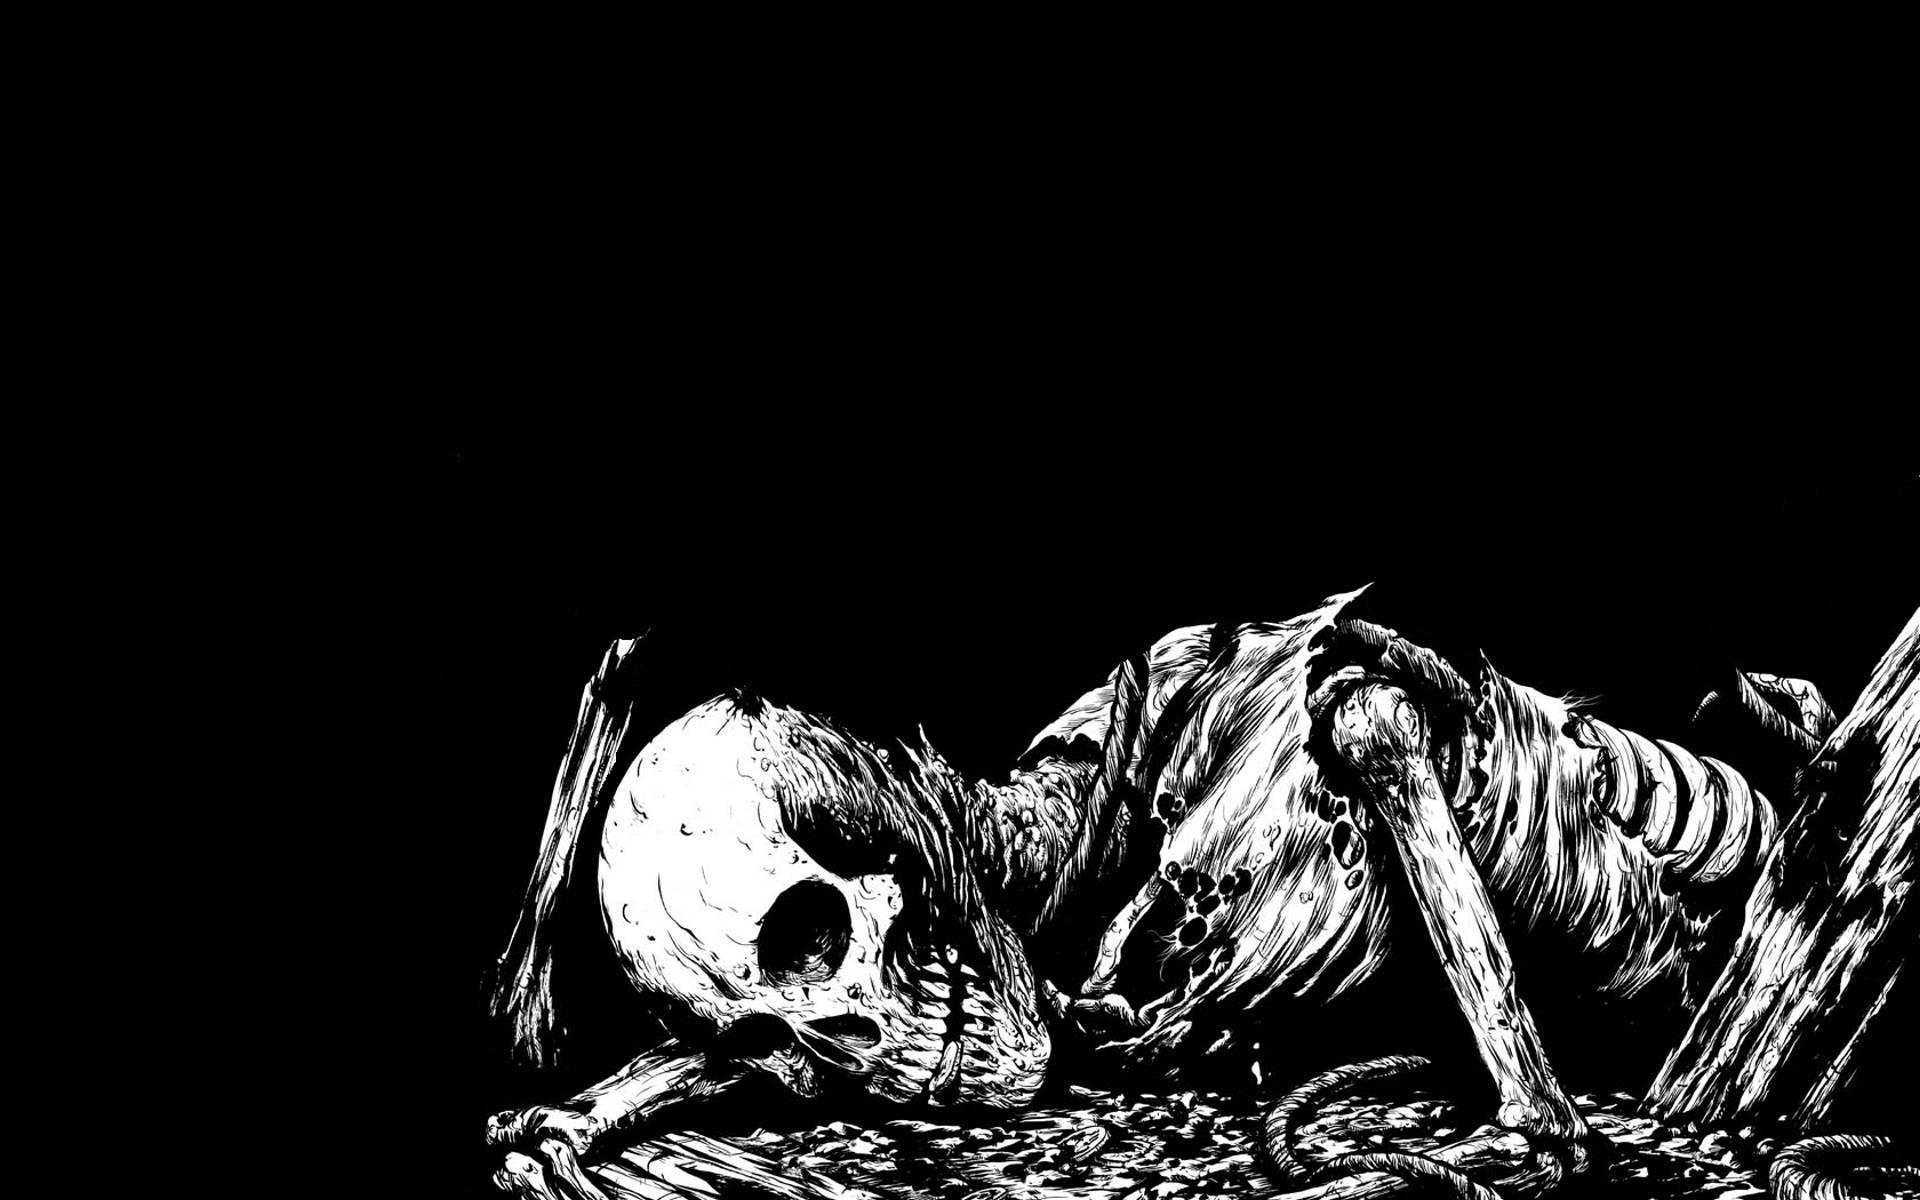 2560x1600 skeleton wallpaper wallpaper desktop - skeleton wallpaper category